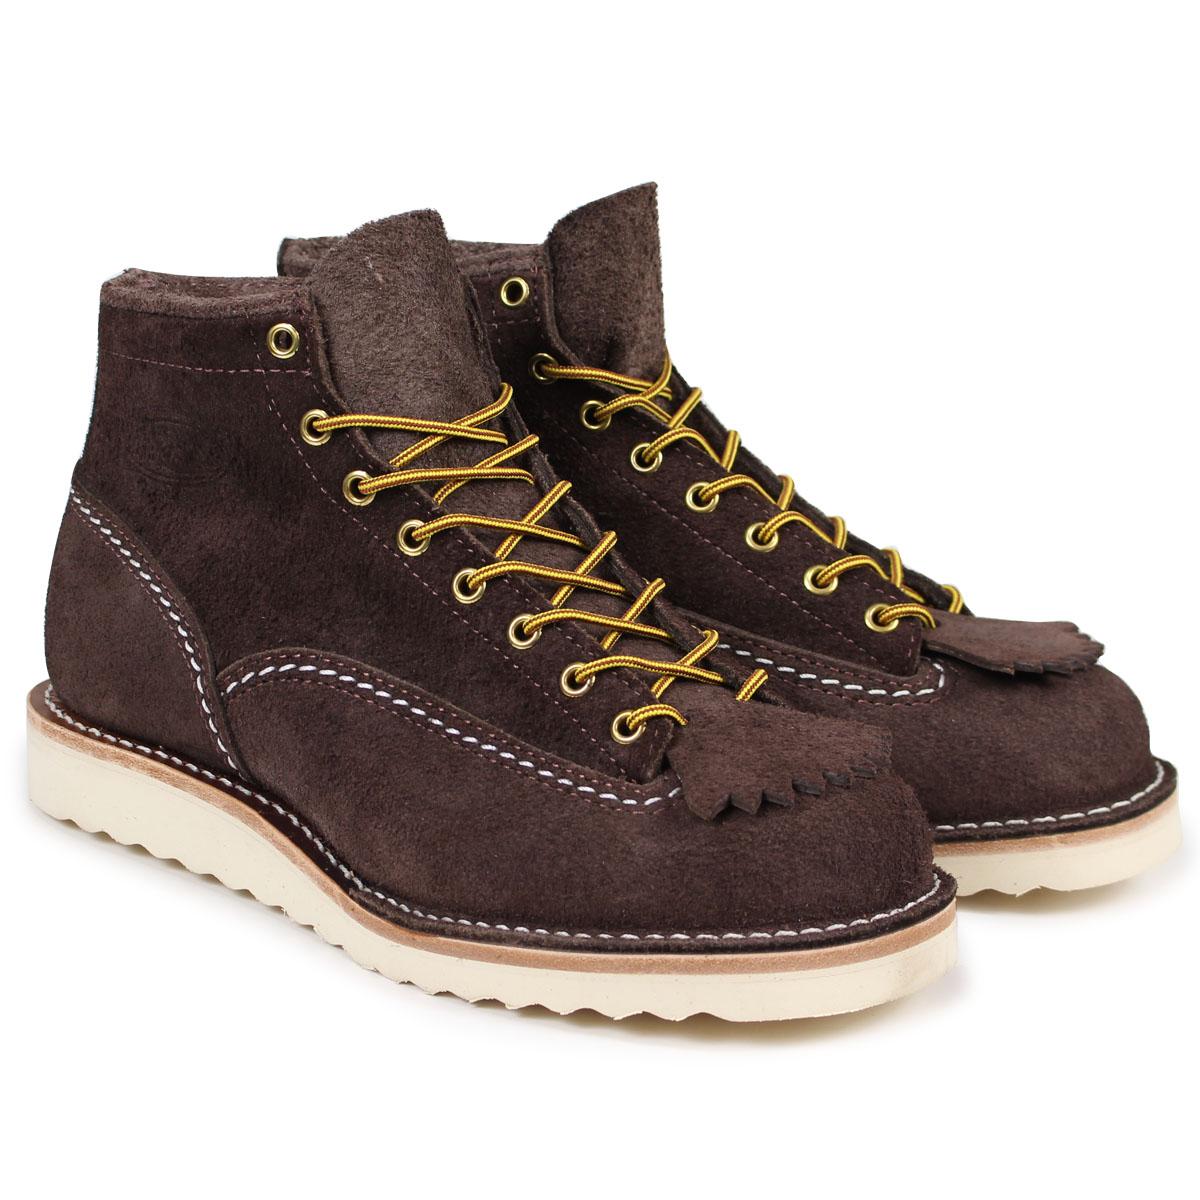 WESCO 6INCH CUSTOM JOB MASTER ウエスコ ジョブマスター ブーツ 6インチ カスタム 2Eワイズ スエード メンズ ブラウン BR1061010 ウェスコ